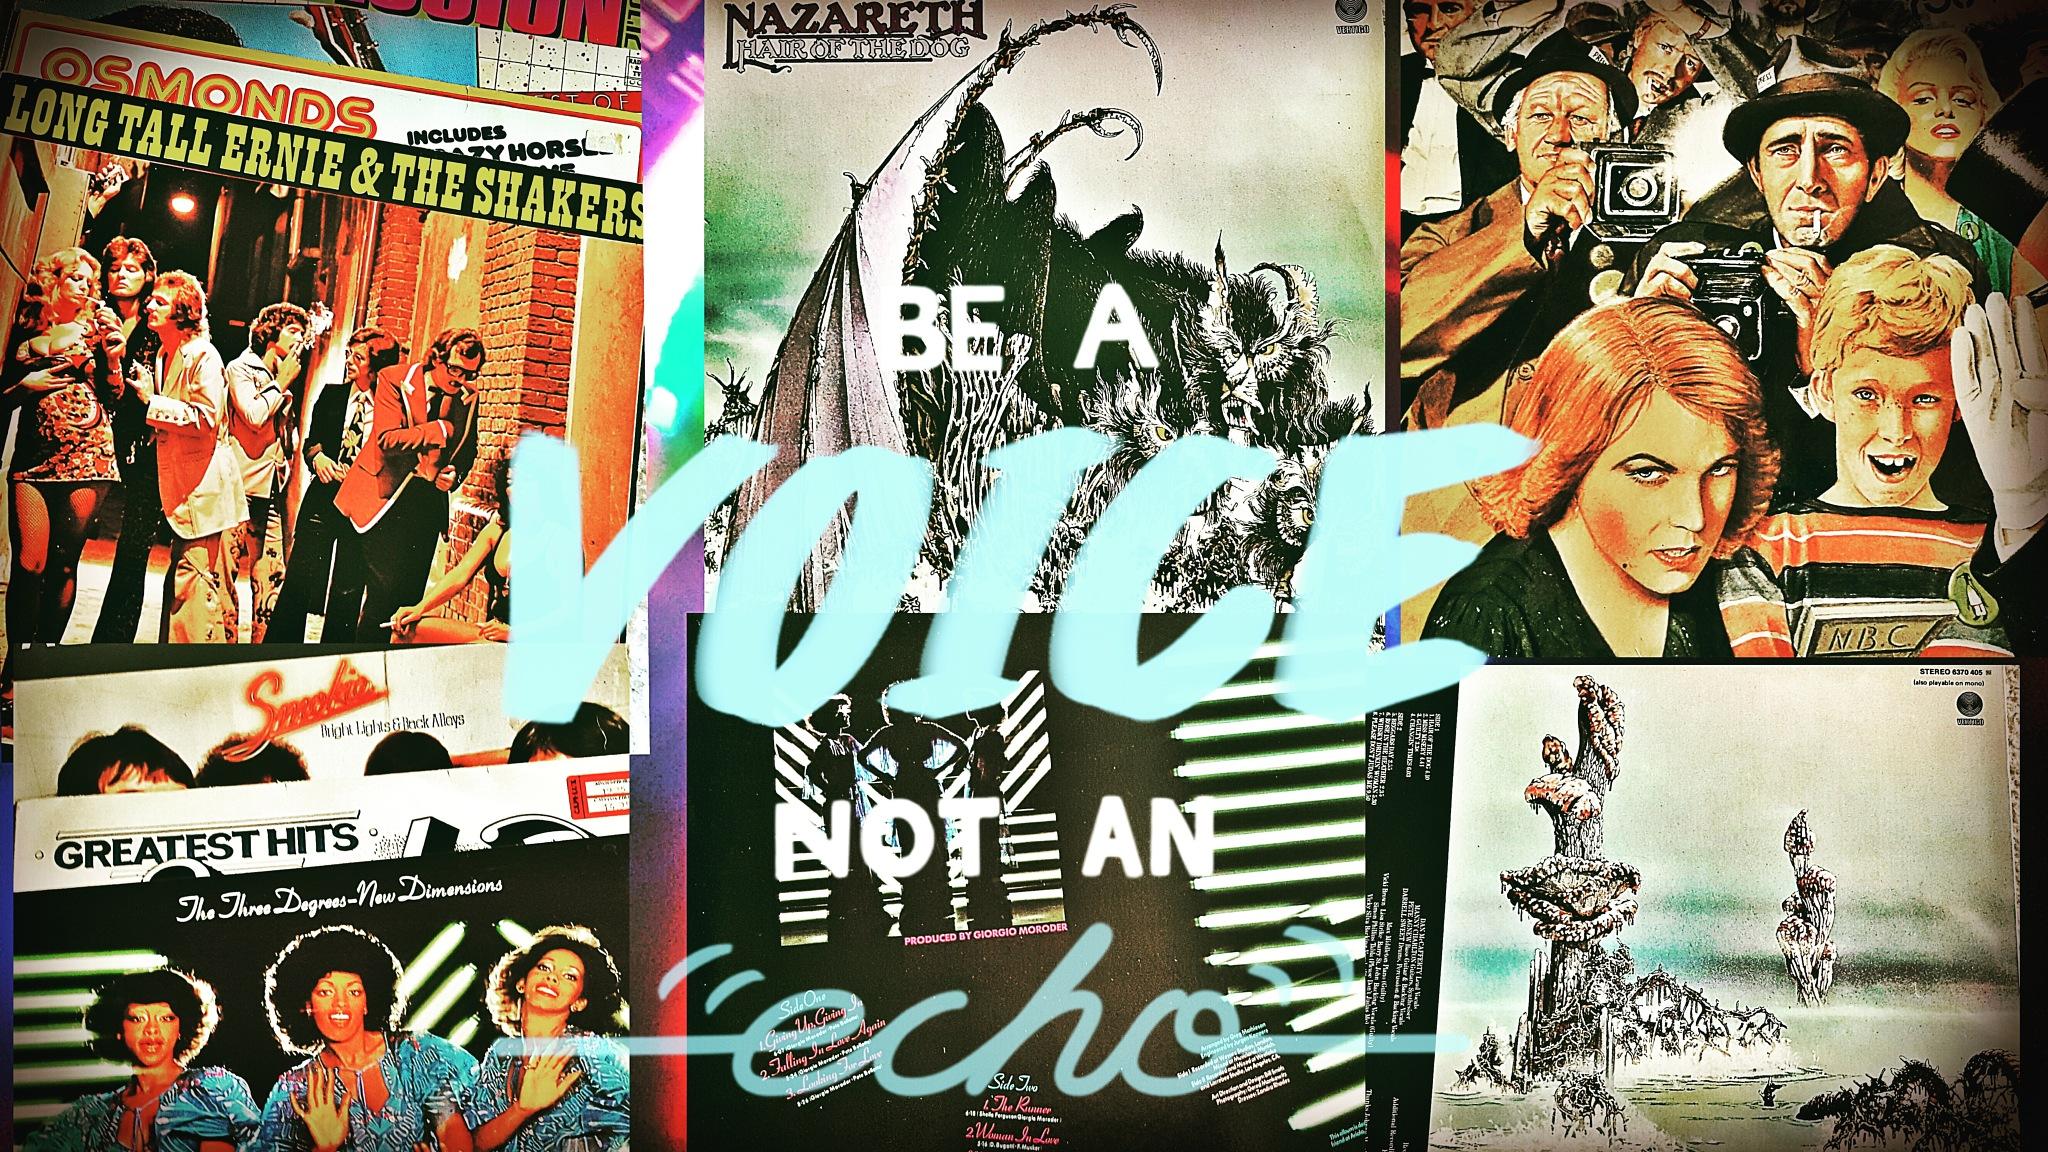 Good music  by hippymedia